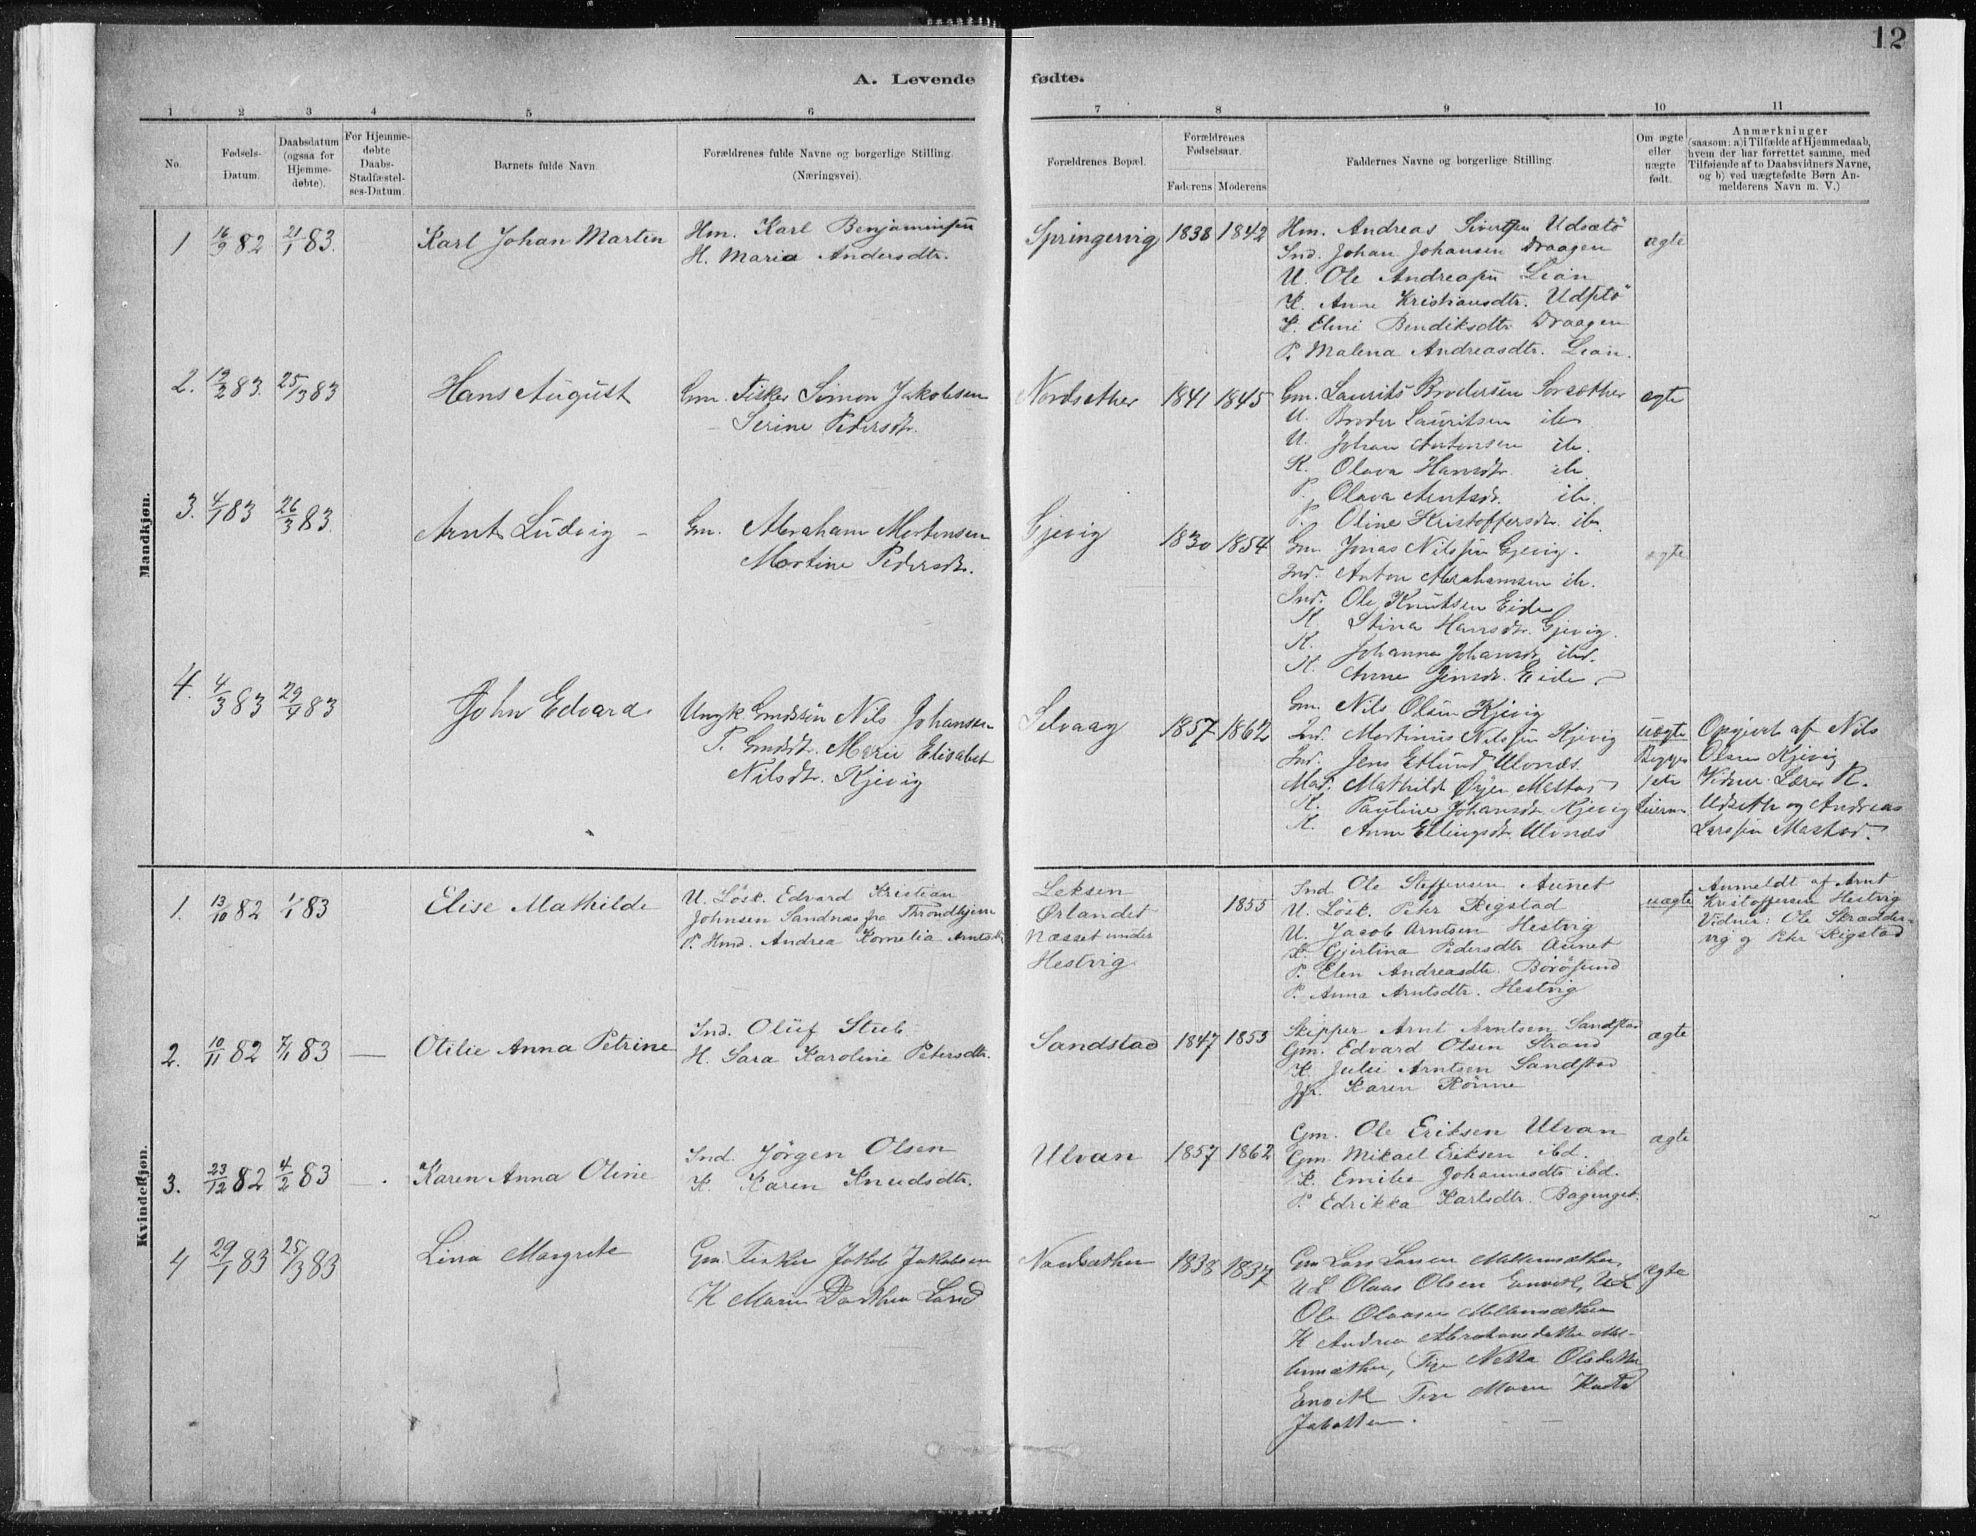 SAT, Ministerialprotokoller, klokkerbøker og fødselsregistre - Sør-Trøndelag, 637/L0558: Ministerialbok nr. 637A01, 1882-1899, s. 12